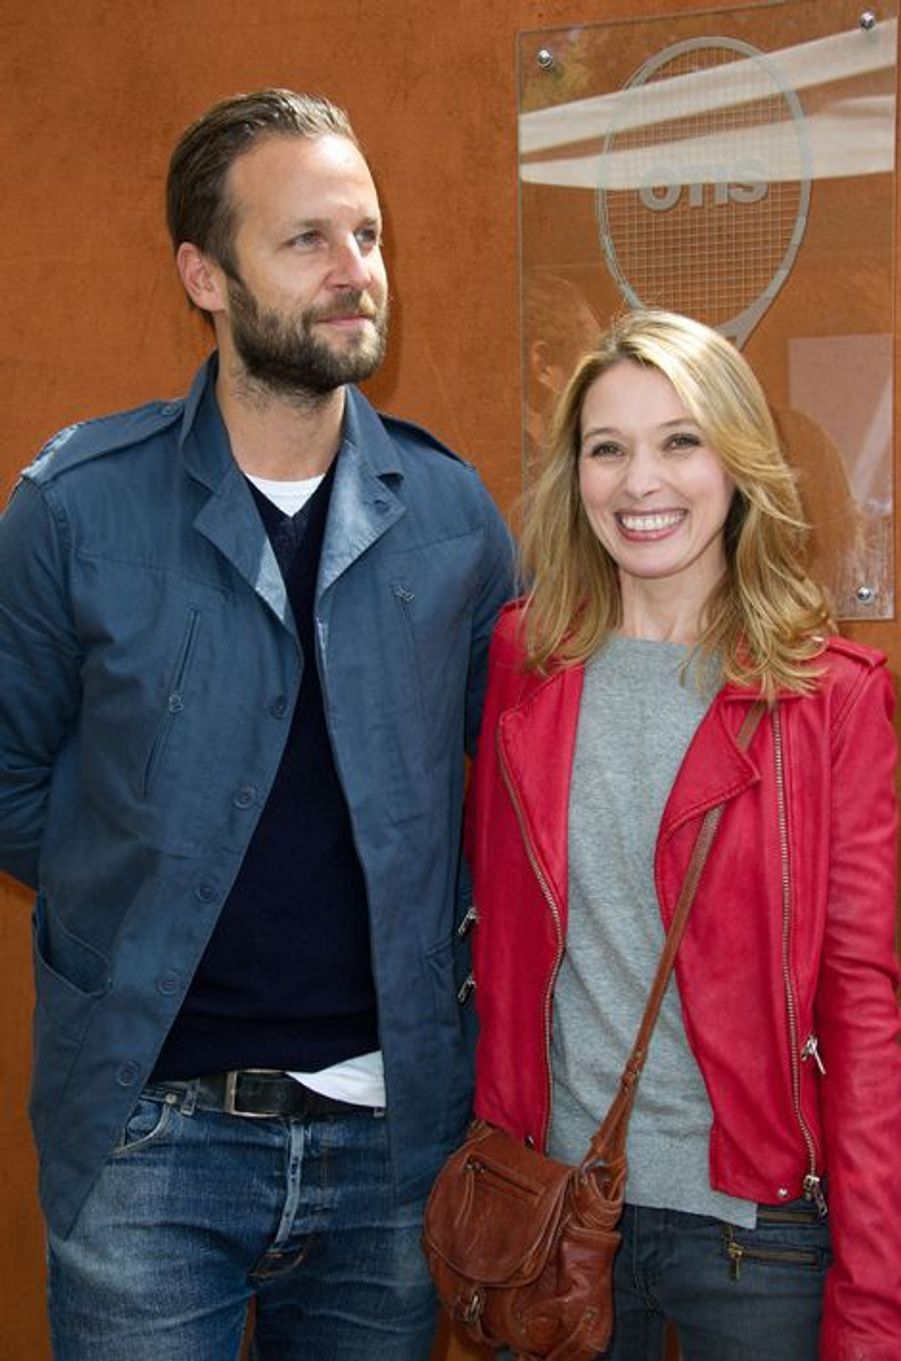 L'actrice Anne Marivin et son compagnon Joachim Roncin ont accueilli une petite fille prénommée Andréa en octobre 2015.